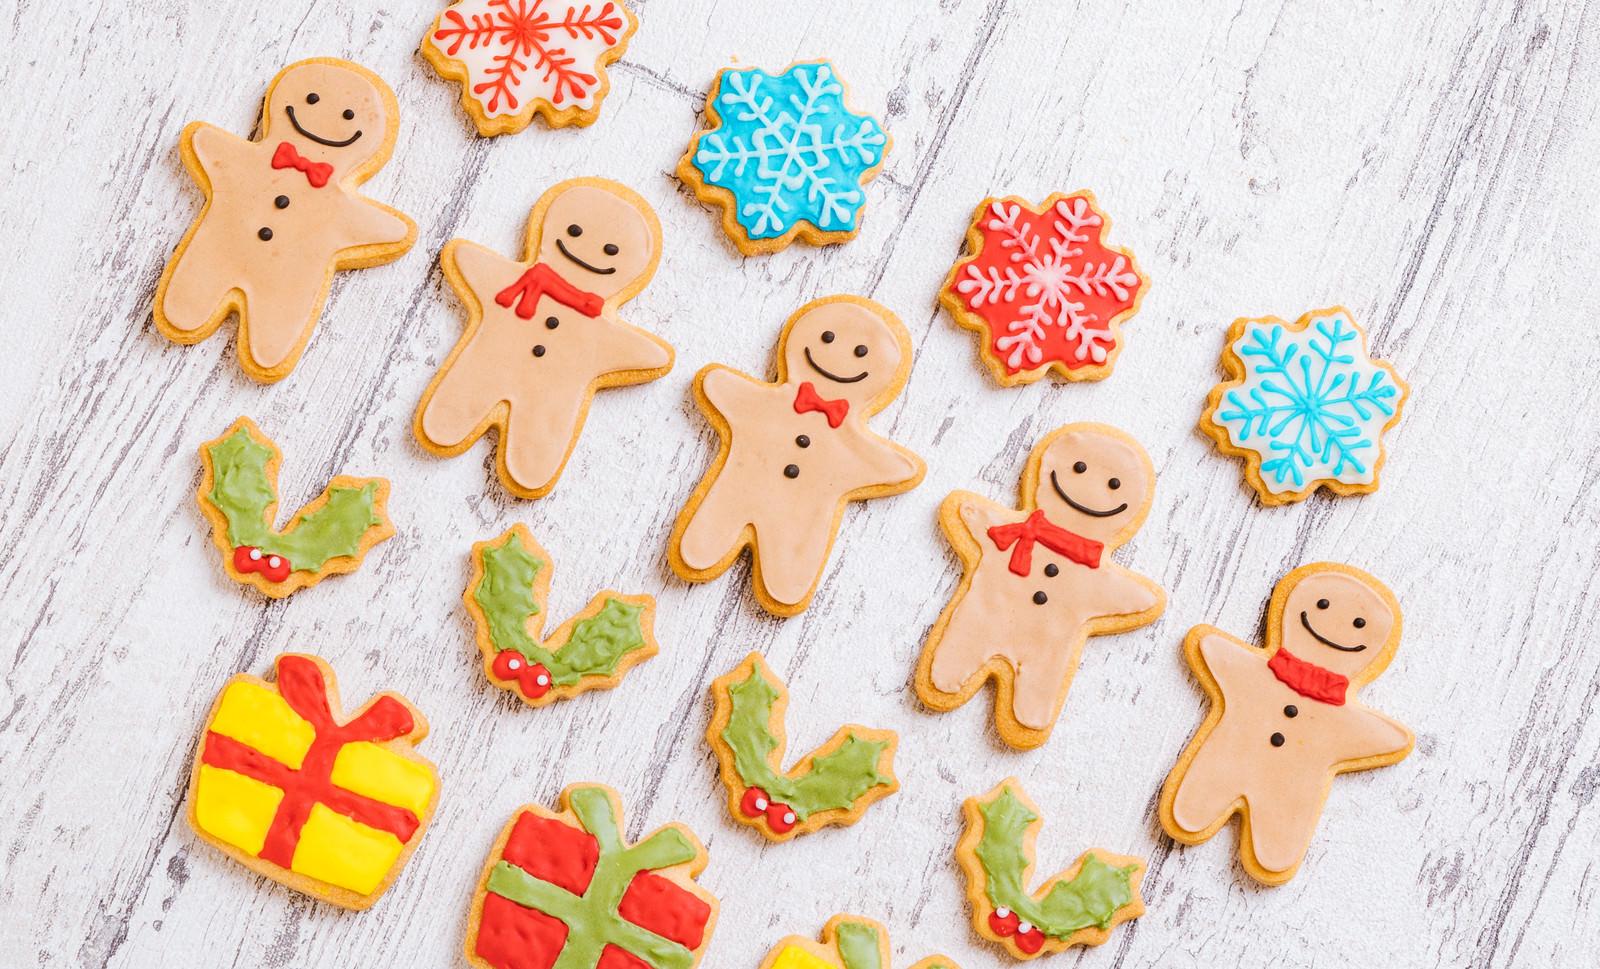 「クリスマス用アイシングクッキー」の写真